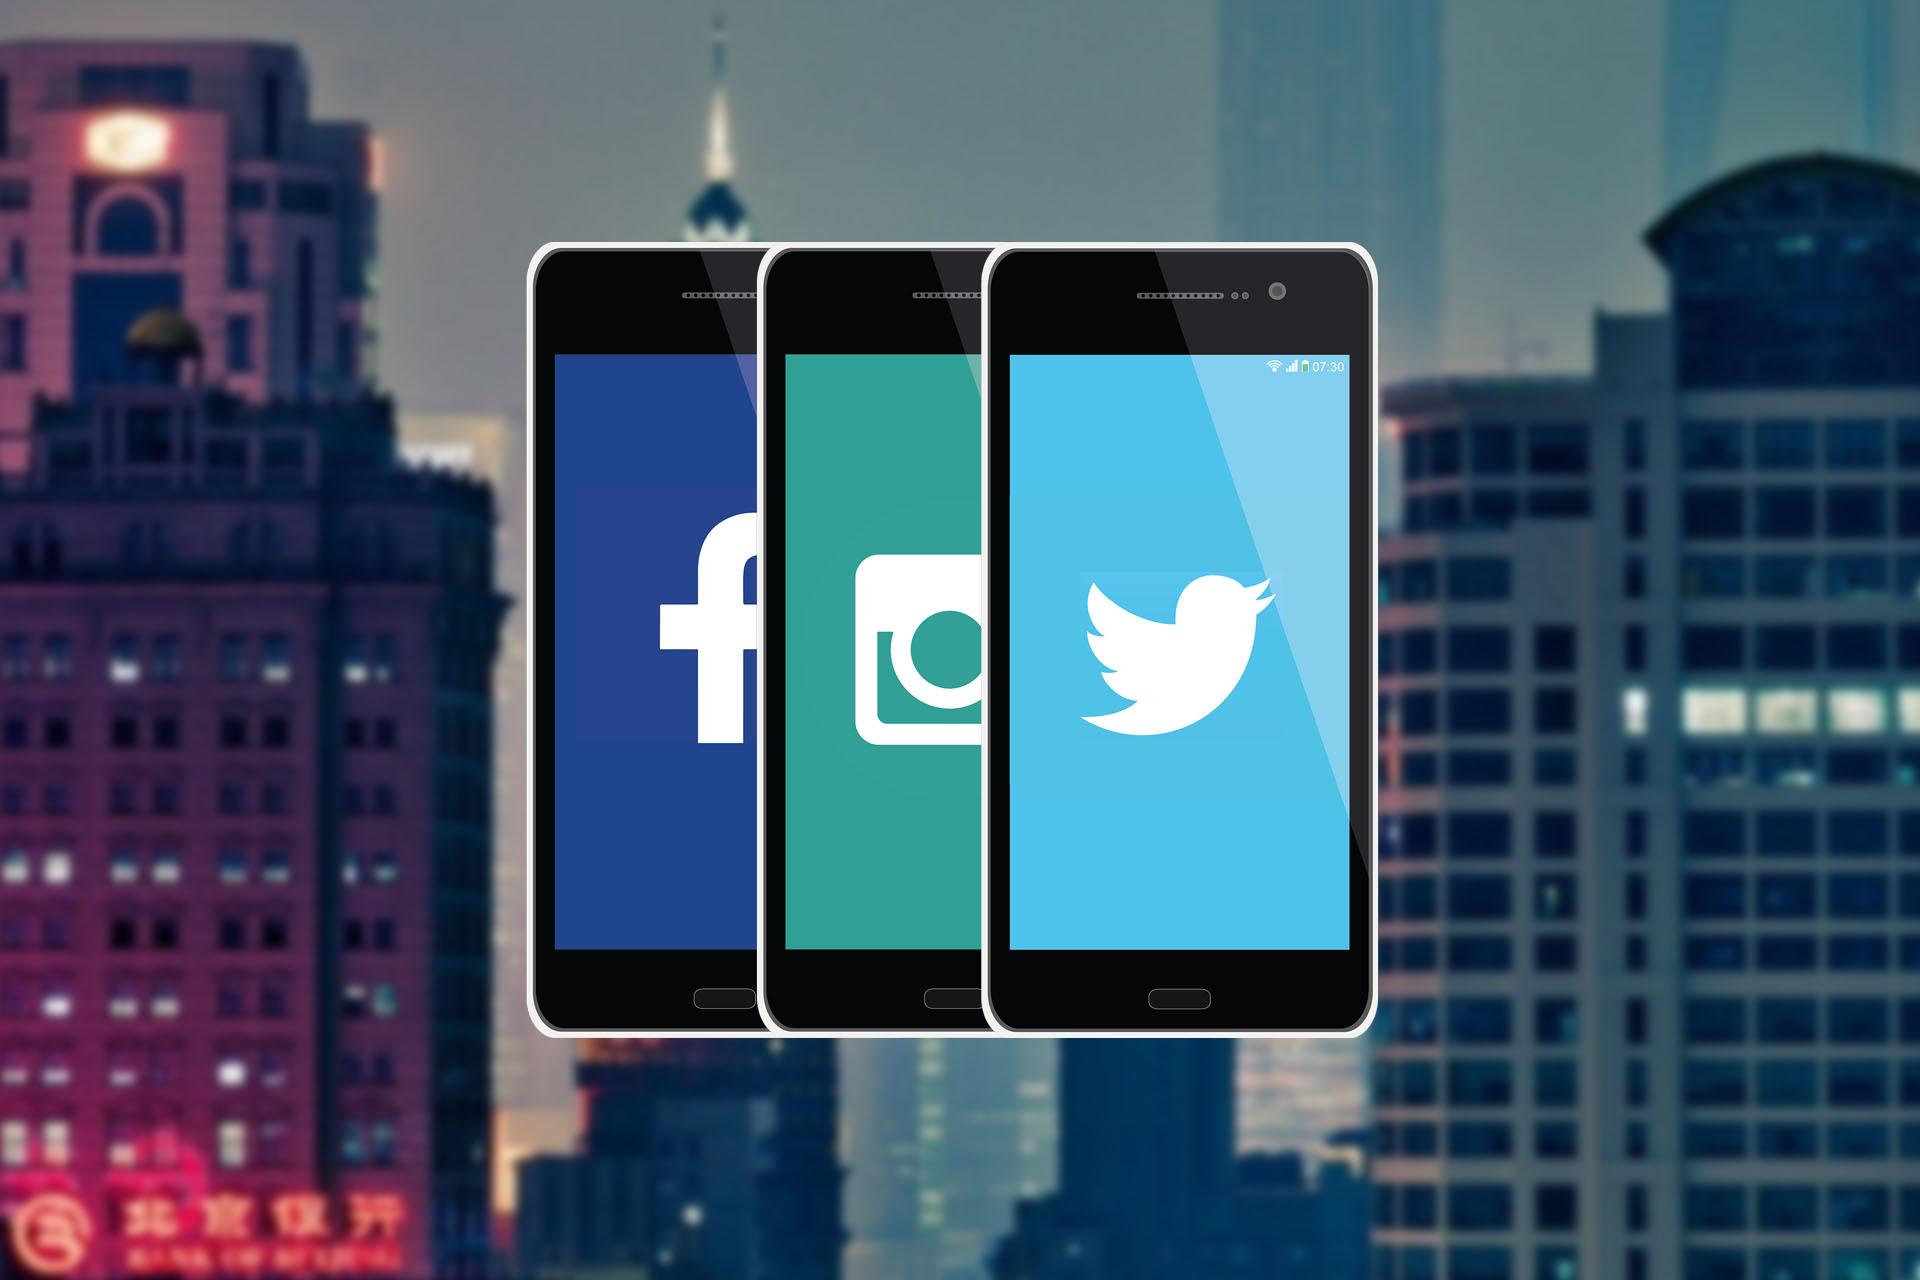 Coca-Cola utilizó las fotos que los usuarios subieron a Facebook, Instagram y Twitter para segmentar sus anuncios